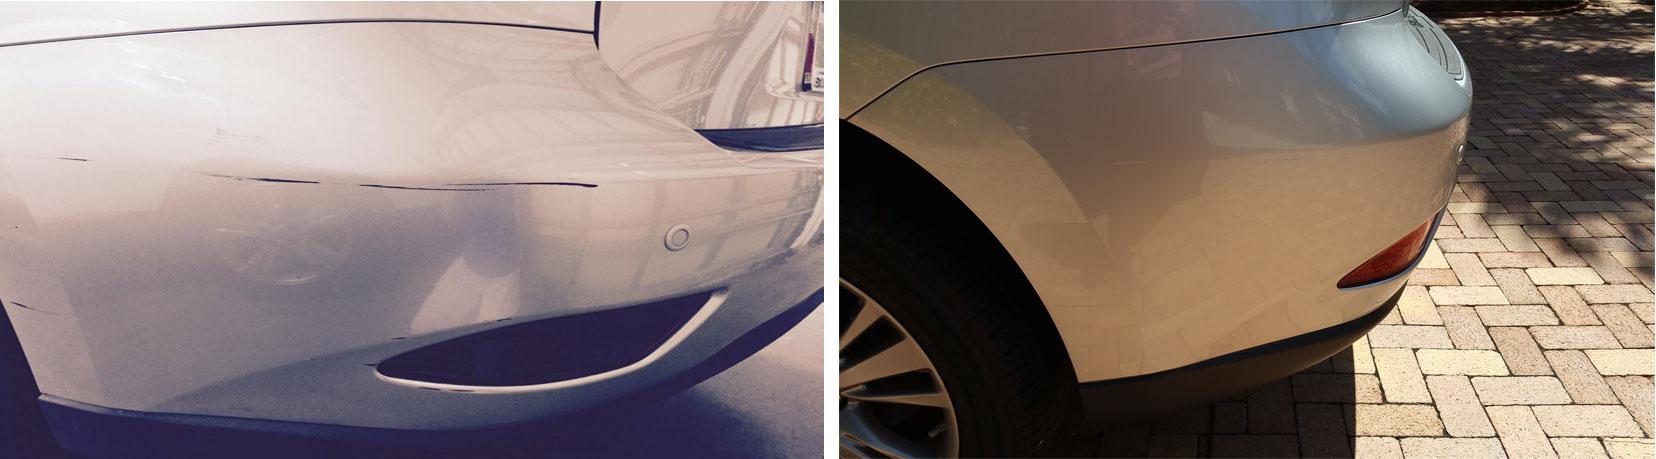 Porsche-Paint-Scratch-Palm-Beach,-FL